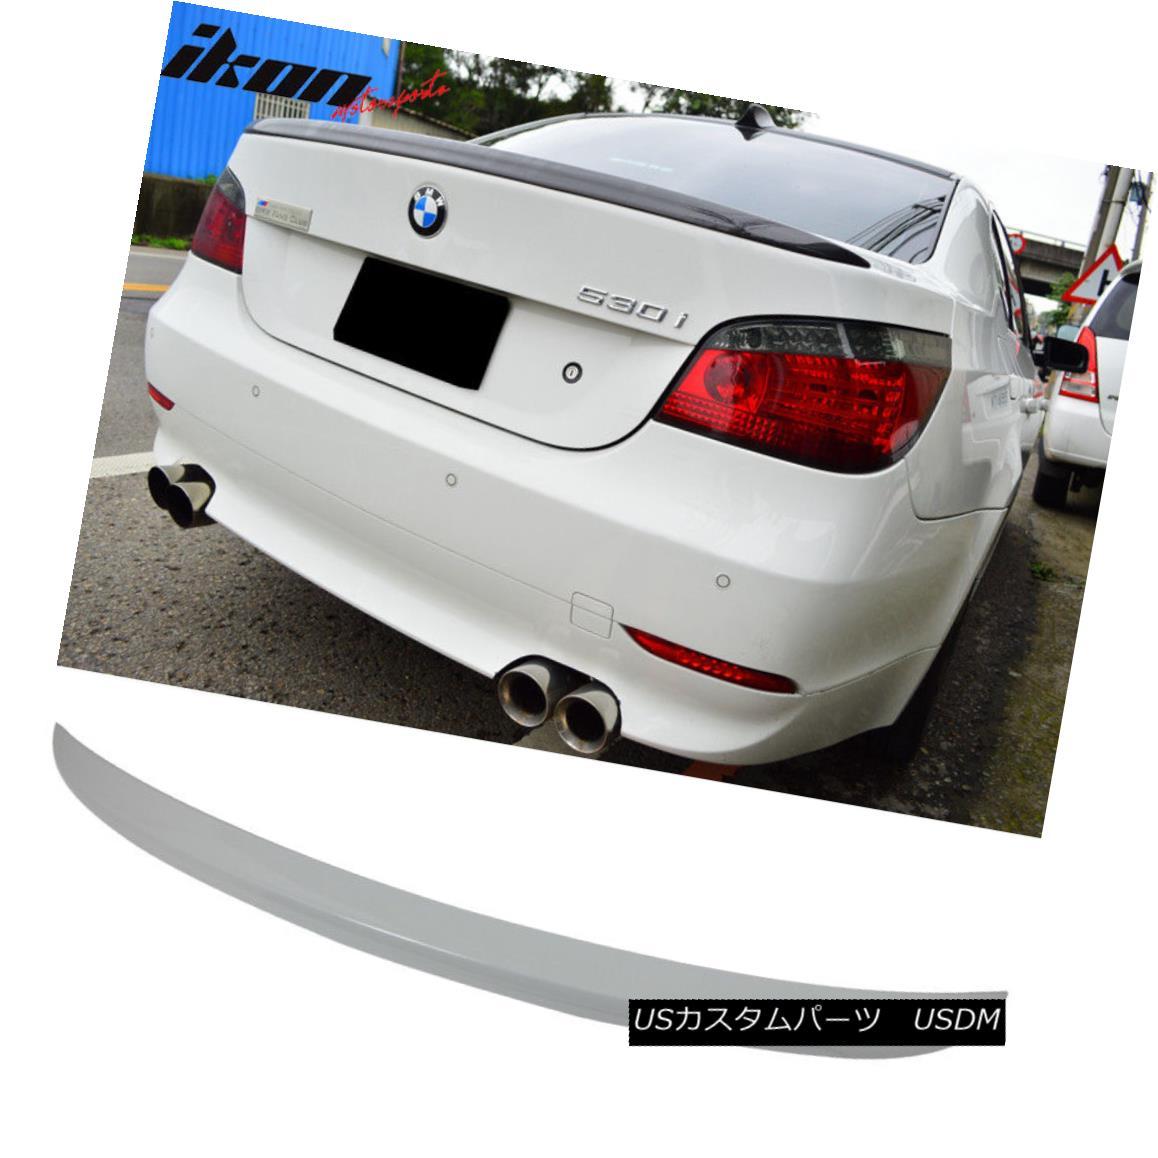 エアロパーツ Fits 04-10 5 Series E60 Sedan M5 Trunk Spoiler Painted Alpine White III #300 フィット04-10 5シリーズE60セダンM5トランク・スポイラー・ペイントアルパイン・ホワイトIII#300